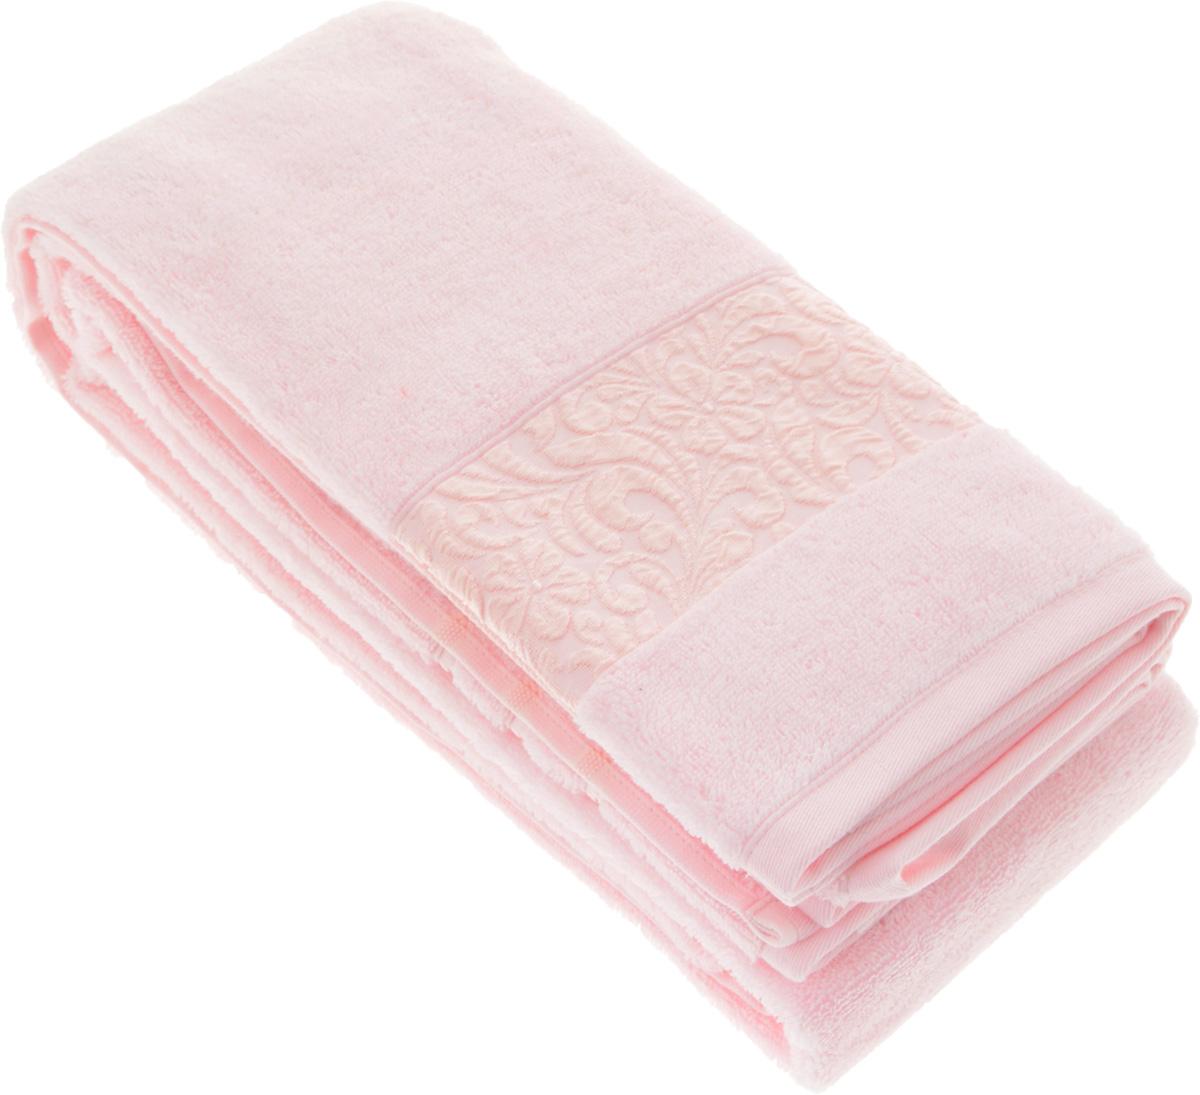 Полотенце бамбуковое Issimo Home Valencia, цвет: светло-розовый, 90 x 150 смC0042416Полотенце Issimo Home Valencia выполнено из 60% бамбукового волокна и 40% хлопка. Таким полотенцем не нужно вытираться - только коснитесь кожи - и ткань сама все впитает. Такая ткань впитывает в 3 раза лучше, чем хлопок.Несмотря на высокую плотность, полотенце быстро сохнет, остается легкими даже при намокании.Изделие имеет красивый жаккардовый бордюр, оформленный цветочным орнаментом. Благородные, классические тона создадут уют и подчеркнут лучшие качества махровой ткани, а сочные, яркие, летние оттенки создадут ощущение праздника и наполнят дом энергией. Красивая, стильная упаковка этого полотенца делает его уже готовым подарком к любому случаю.